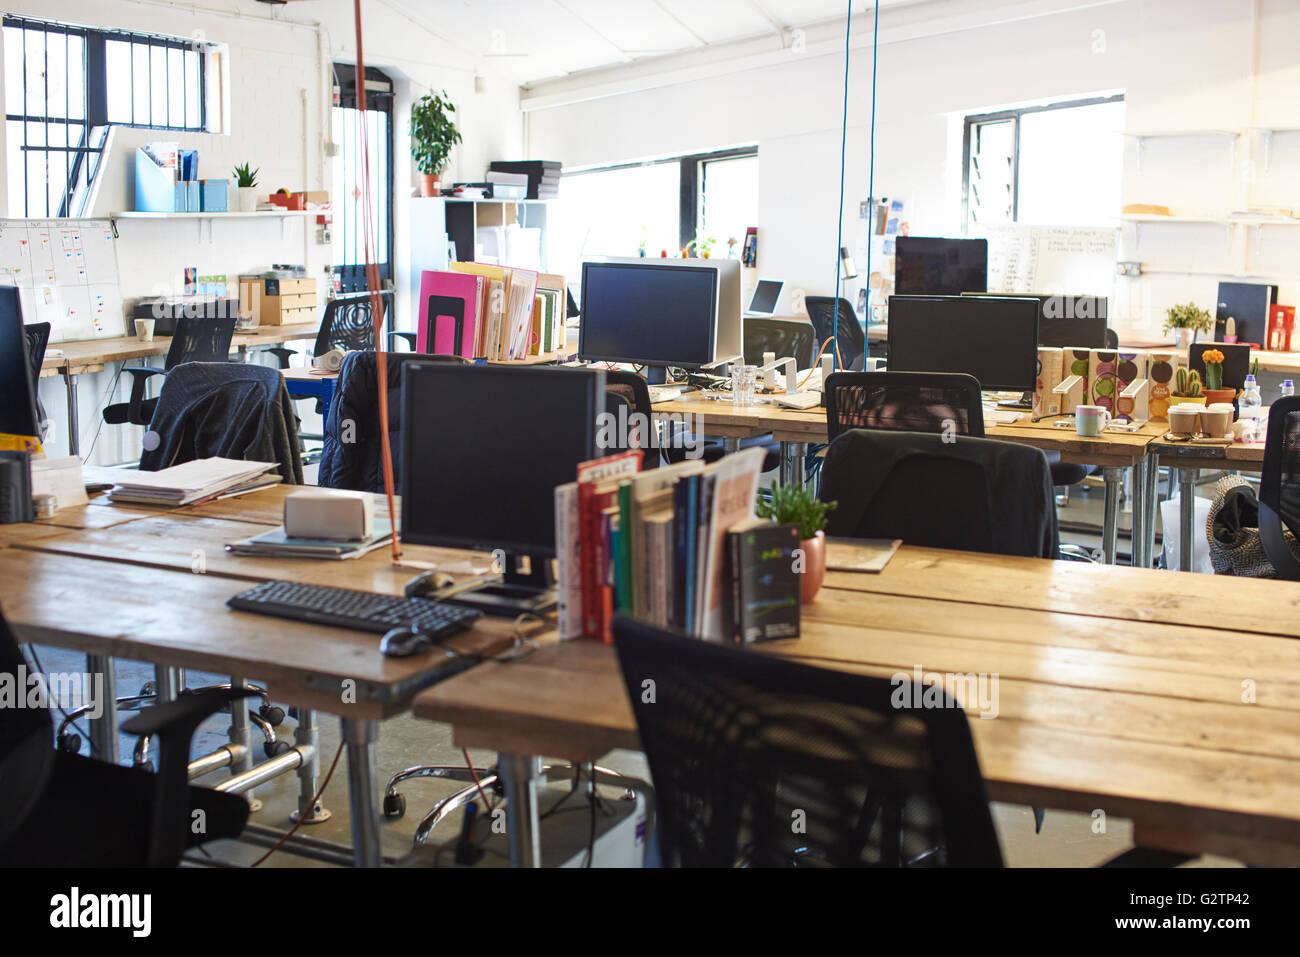 Innere des modernen Design-Büro ohne Personen Stockbild